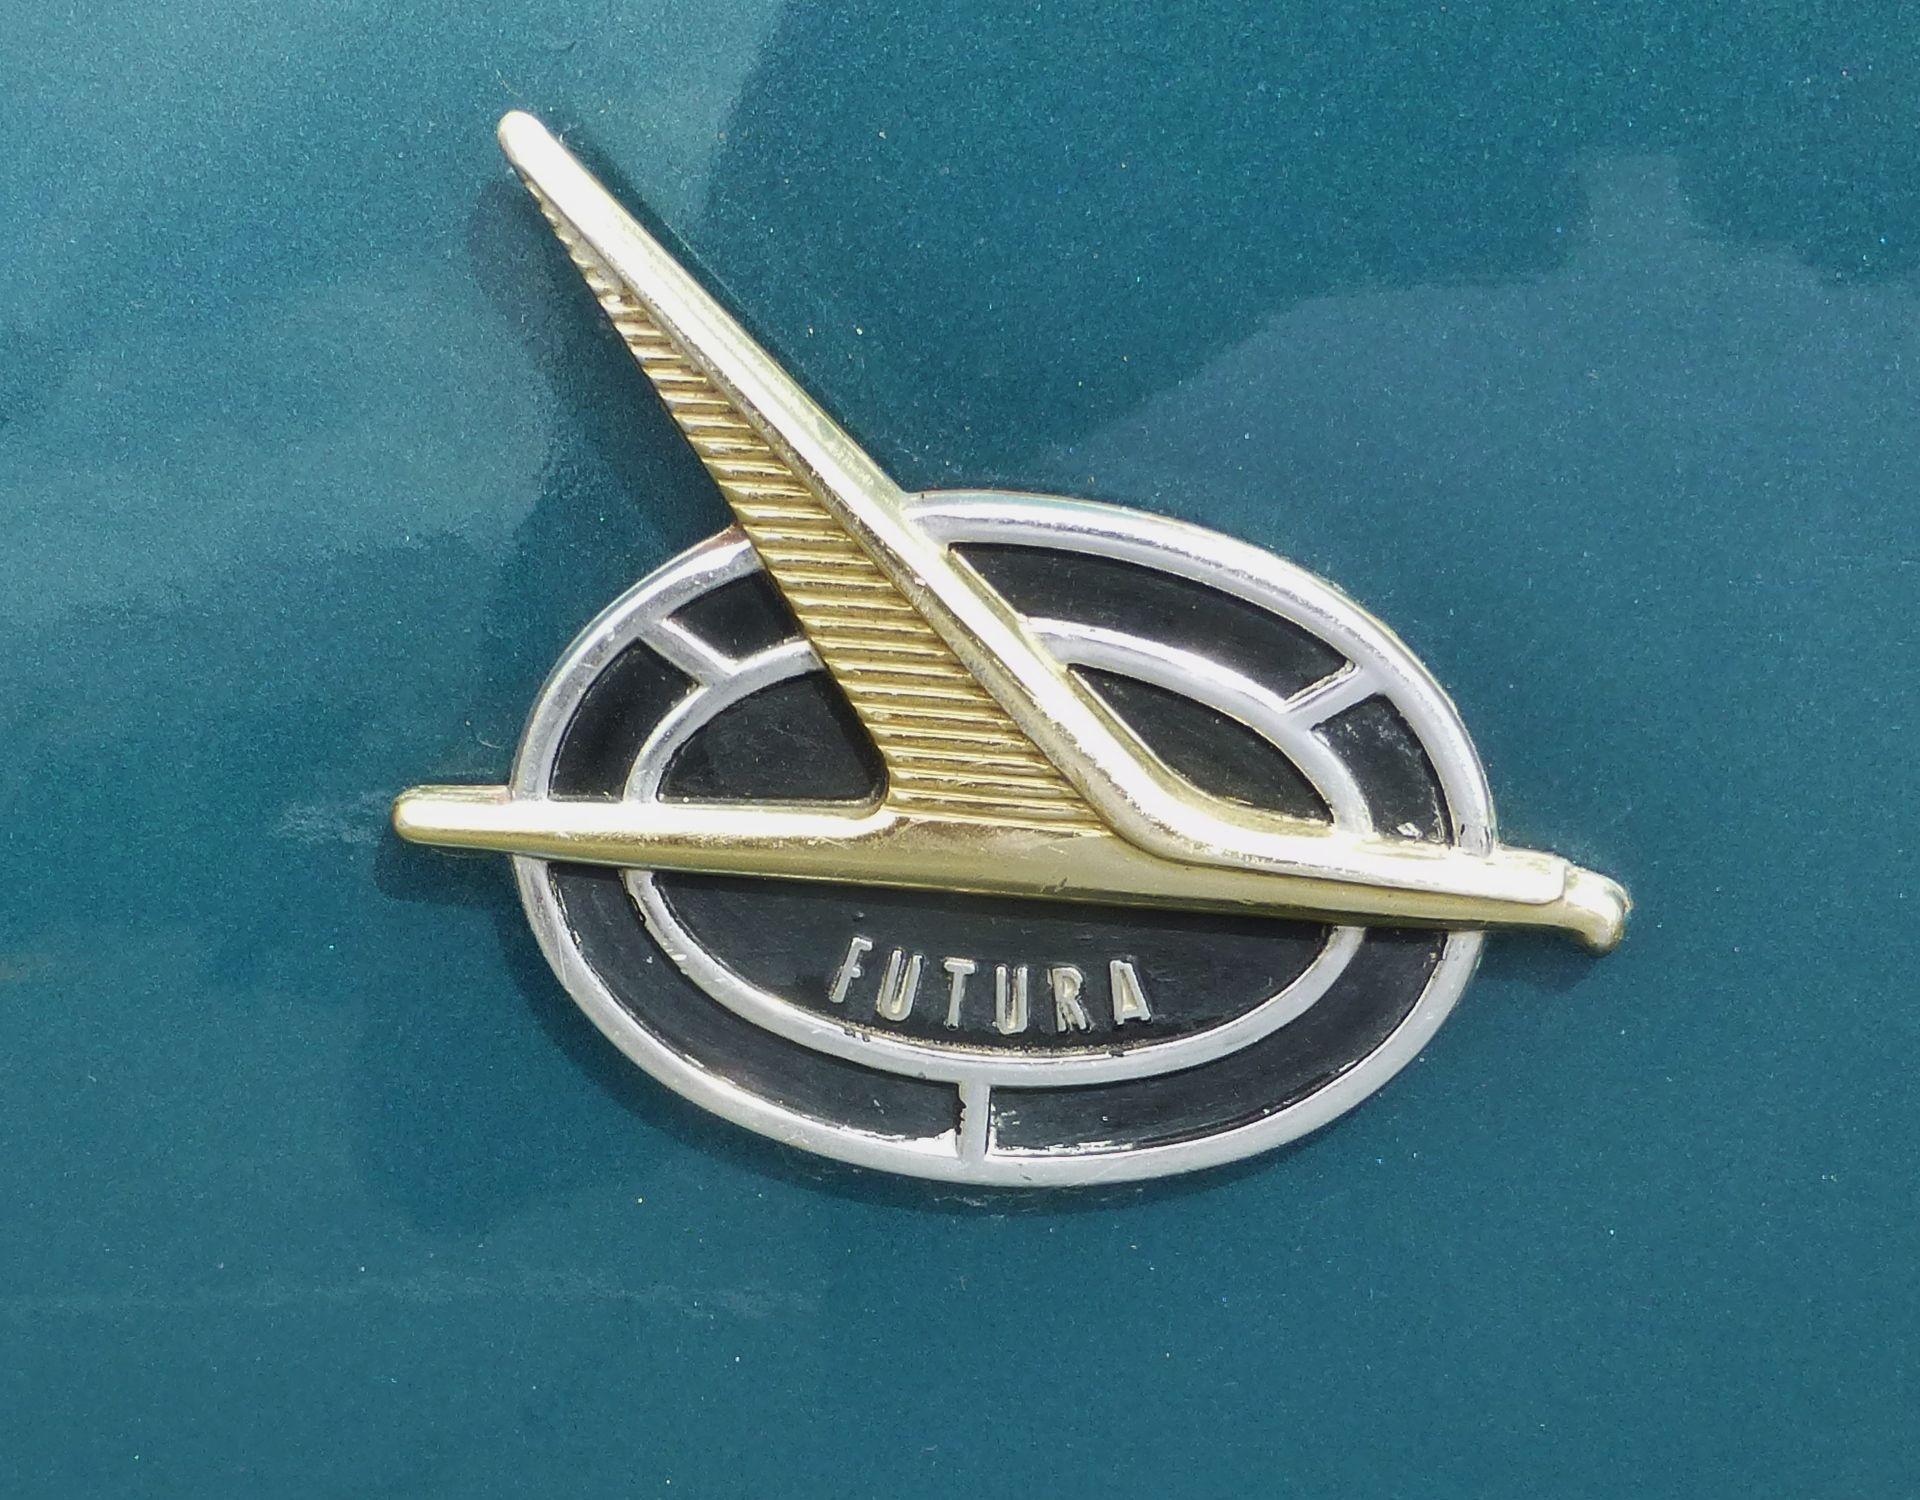 1062 Ford Falcon Futura badge graphy by David E Nelson 2017